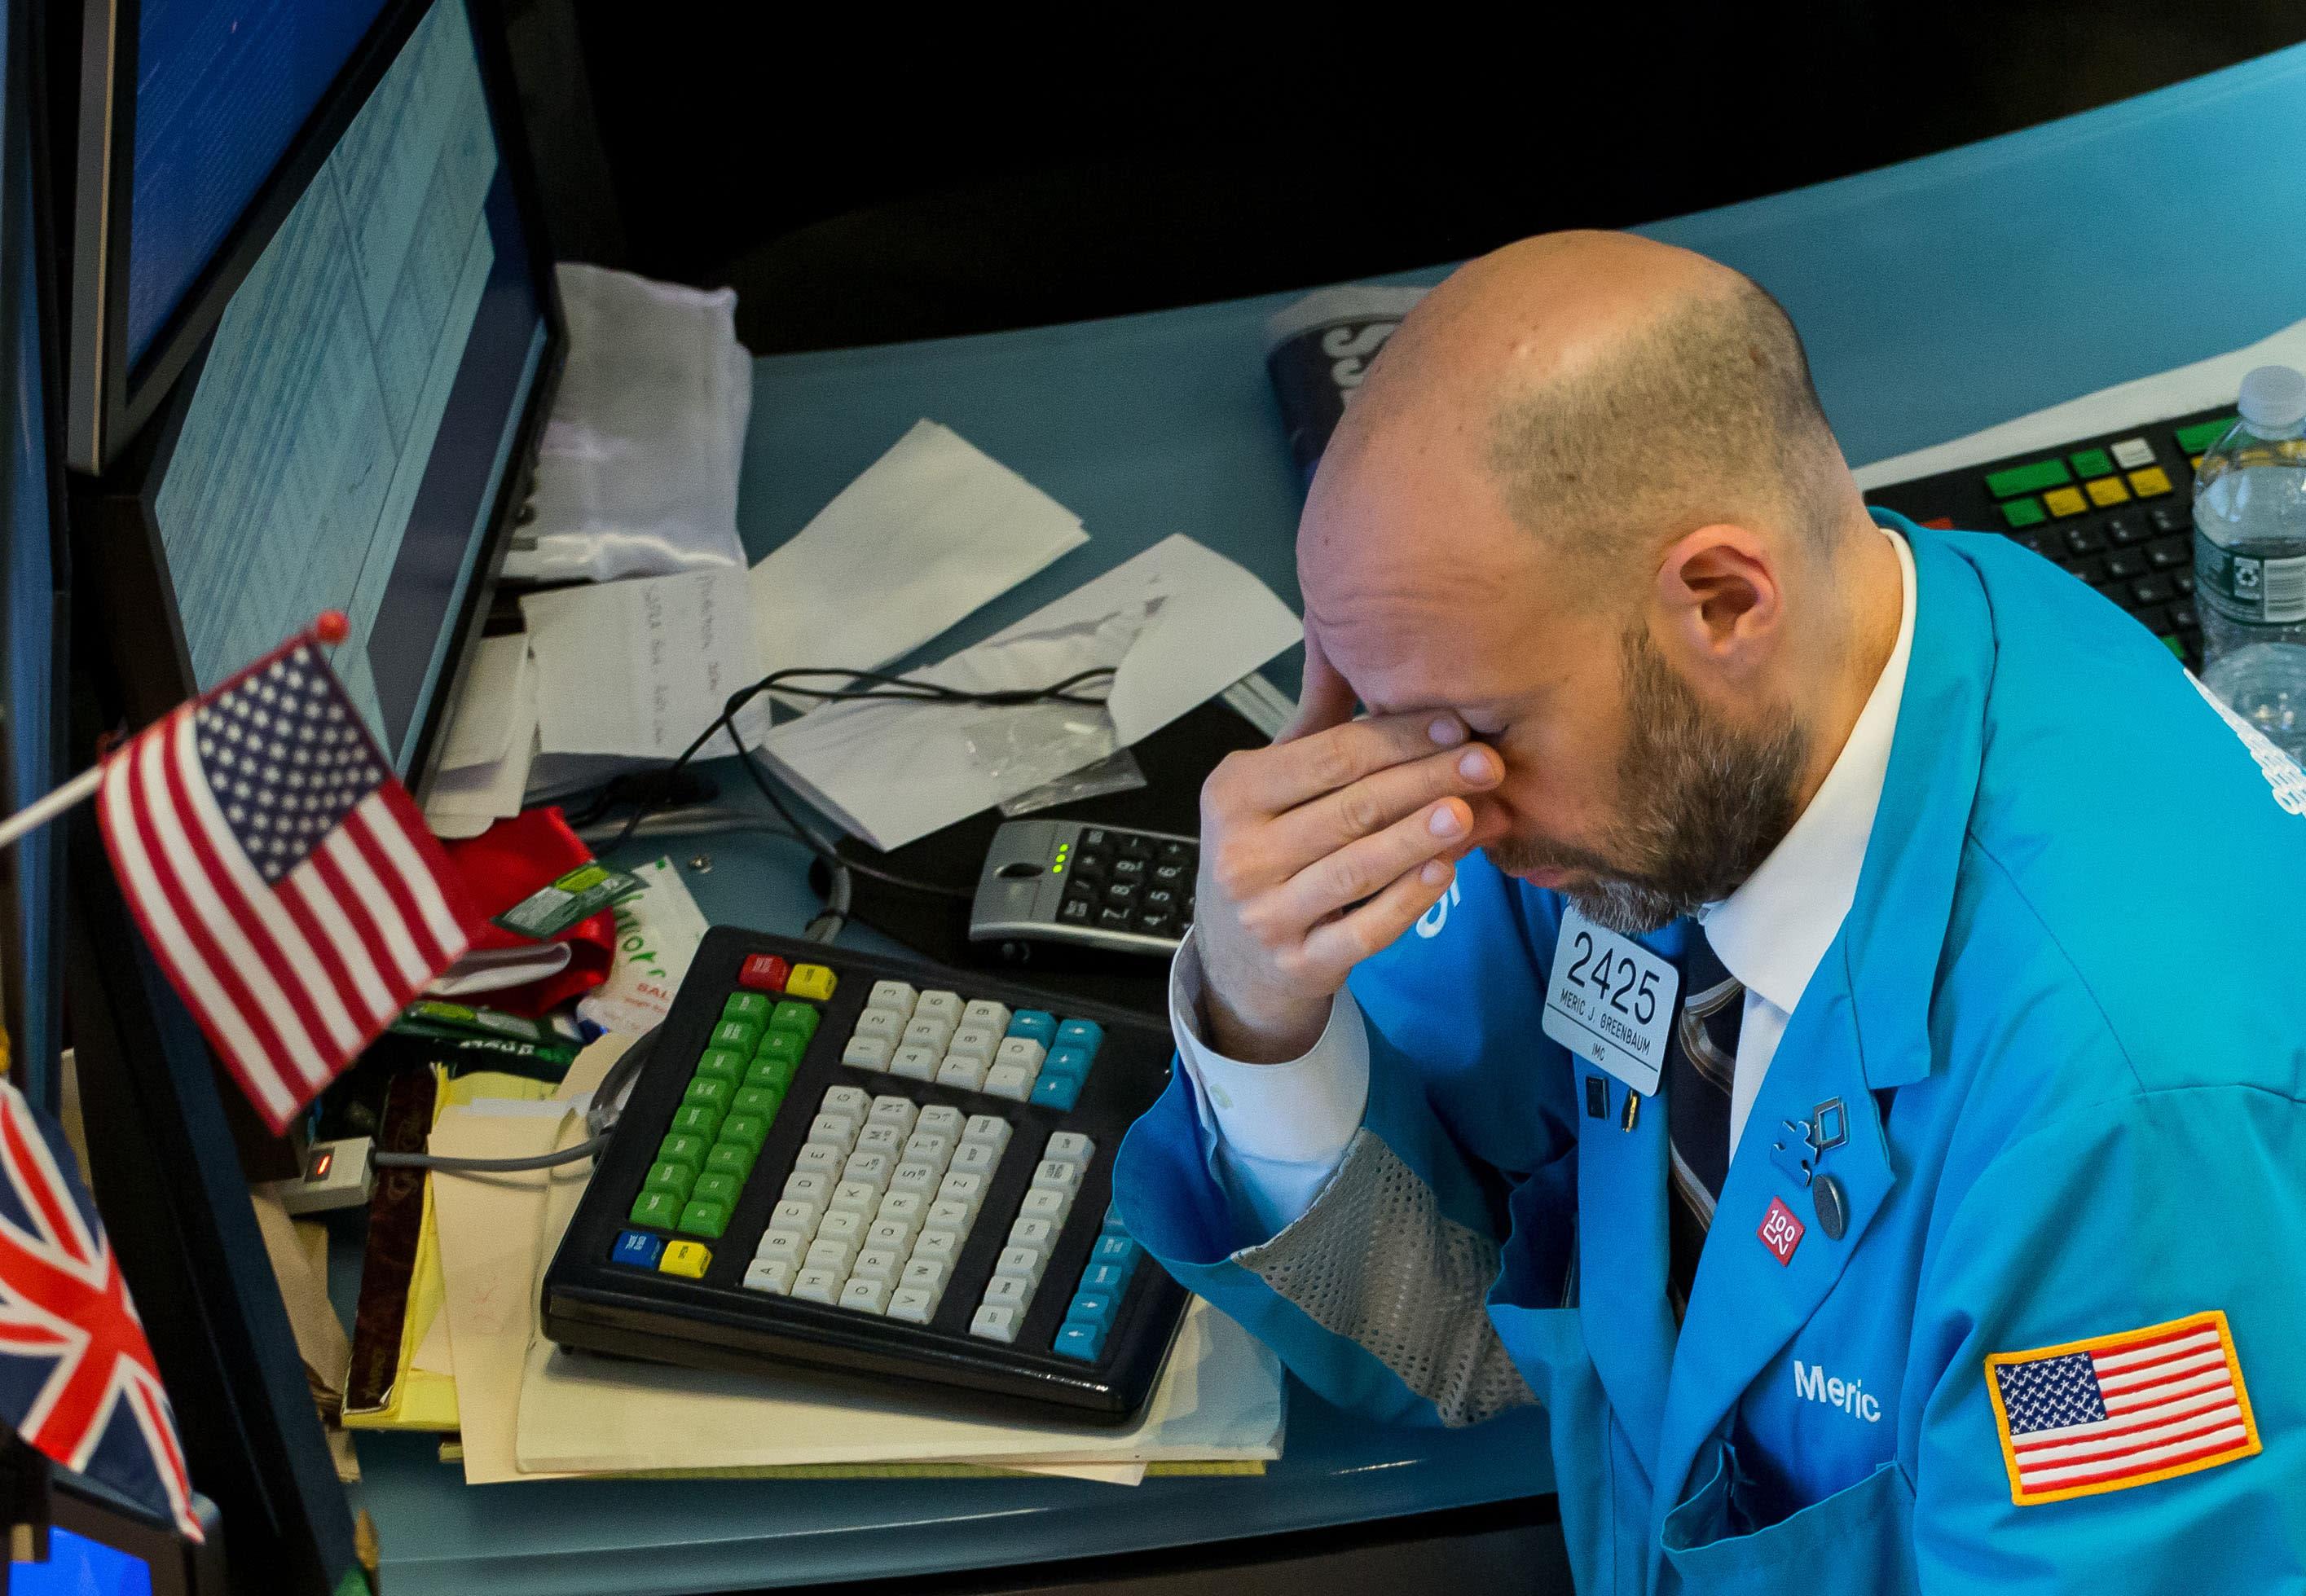 【美國調查】四成散戶認為 未來5年會蝕錢